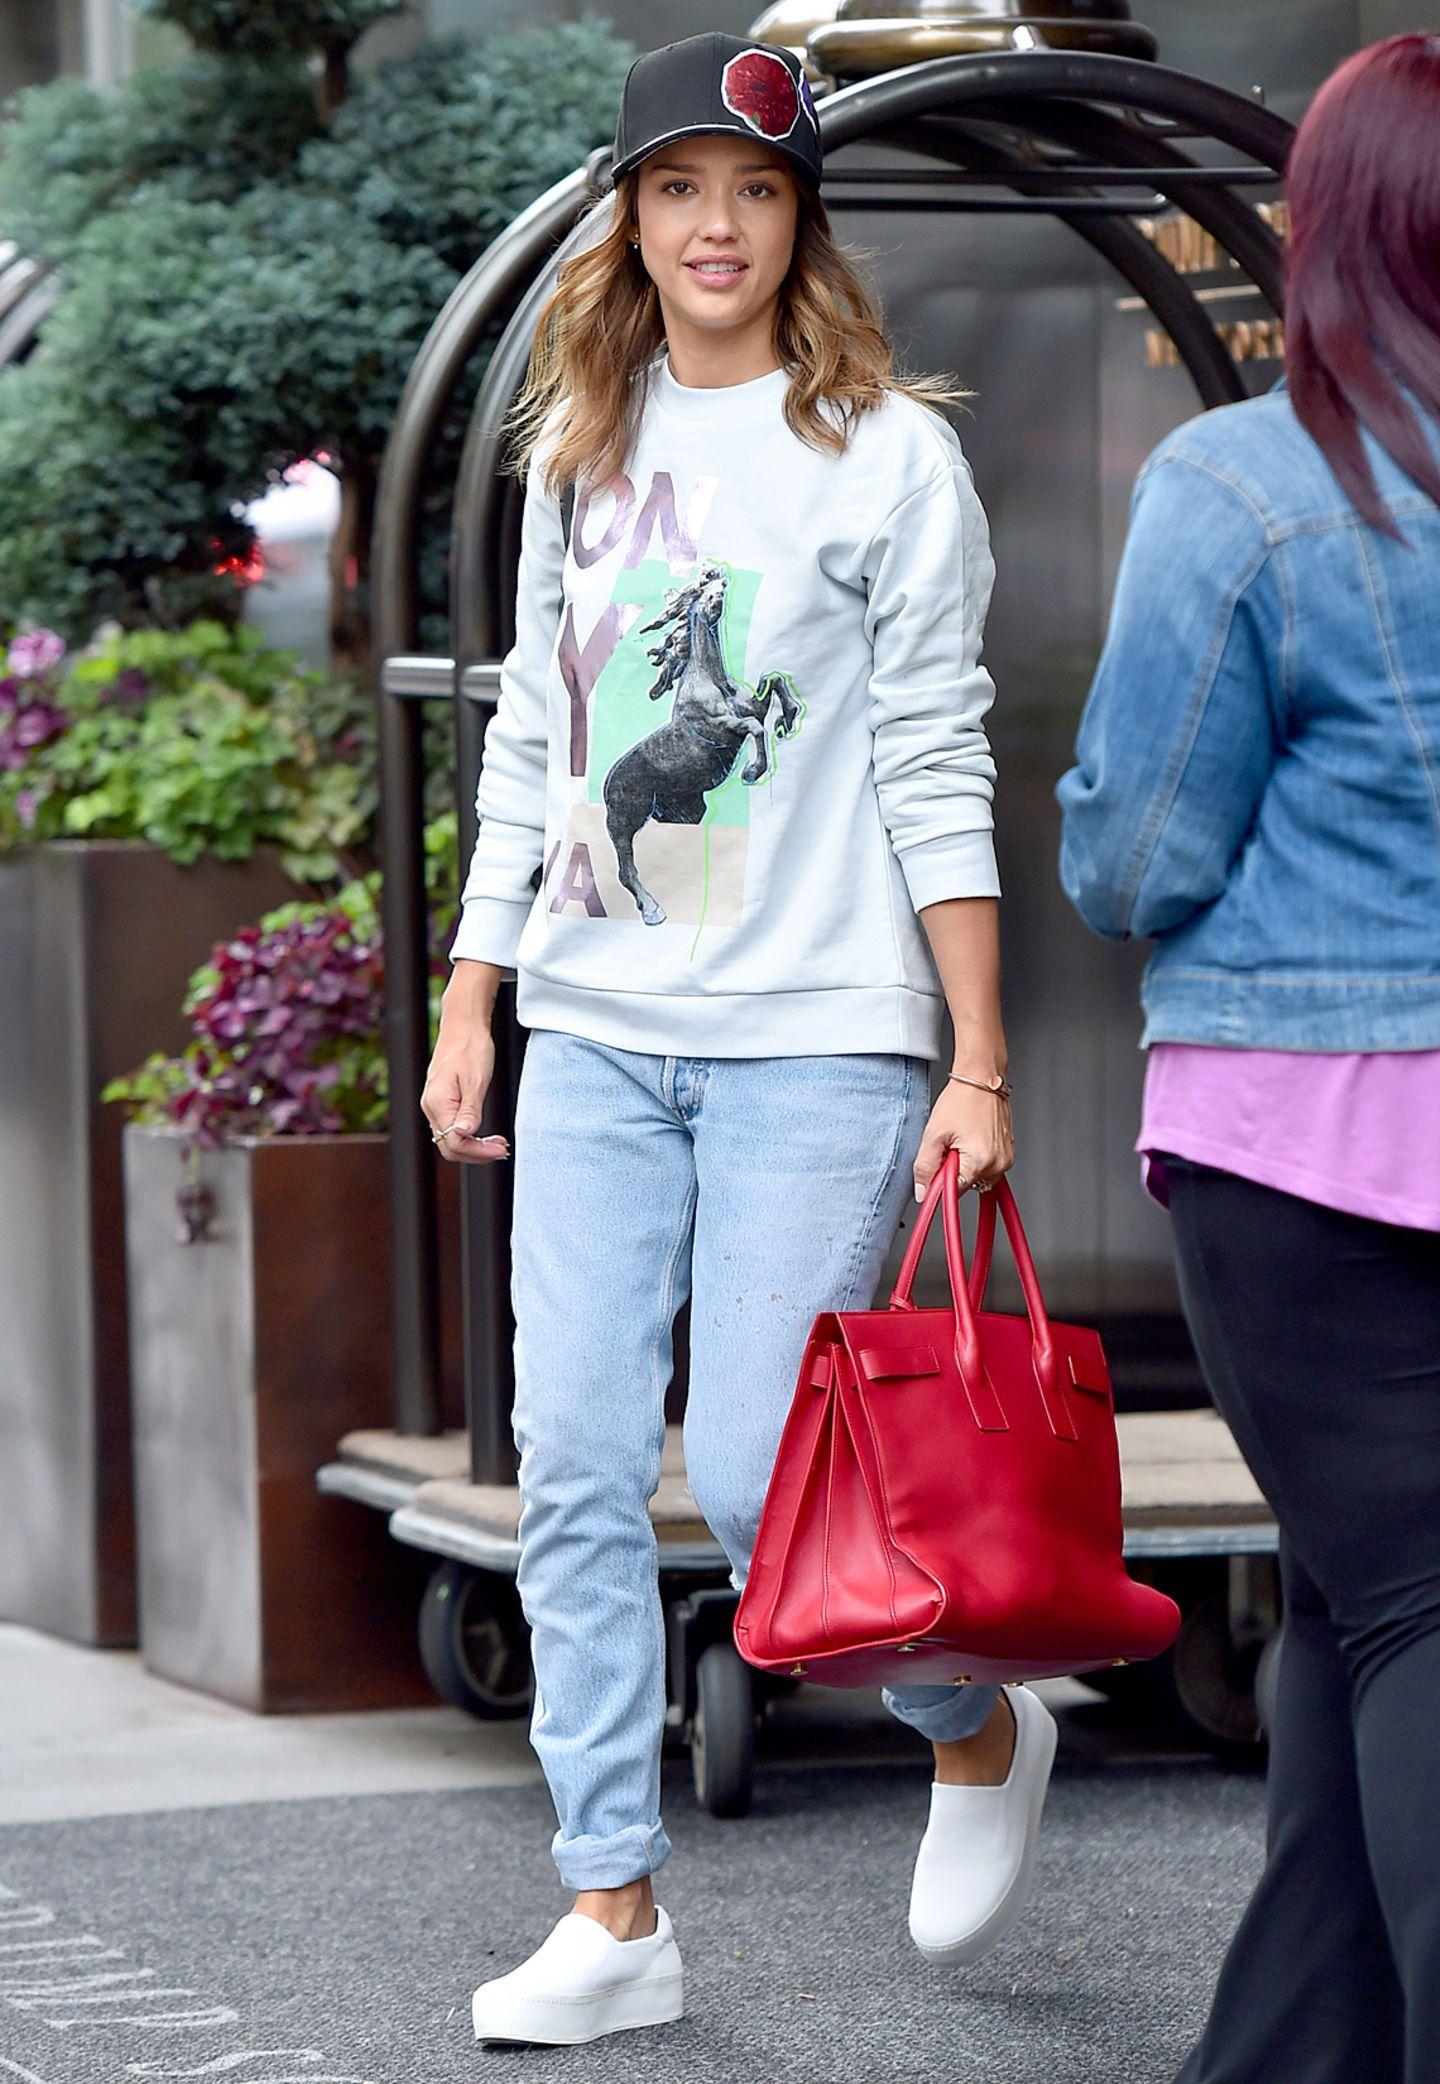 Von ihrer sportlichen Seite zeigt sich Jessica Alba in Print-Sweater und Plateau-Slippern.